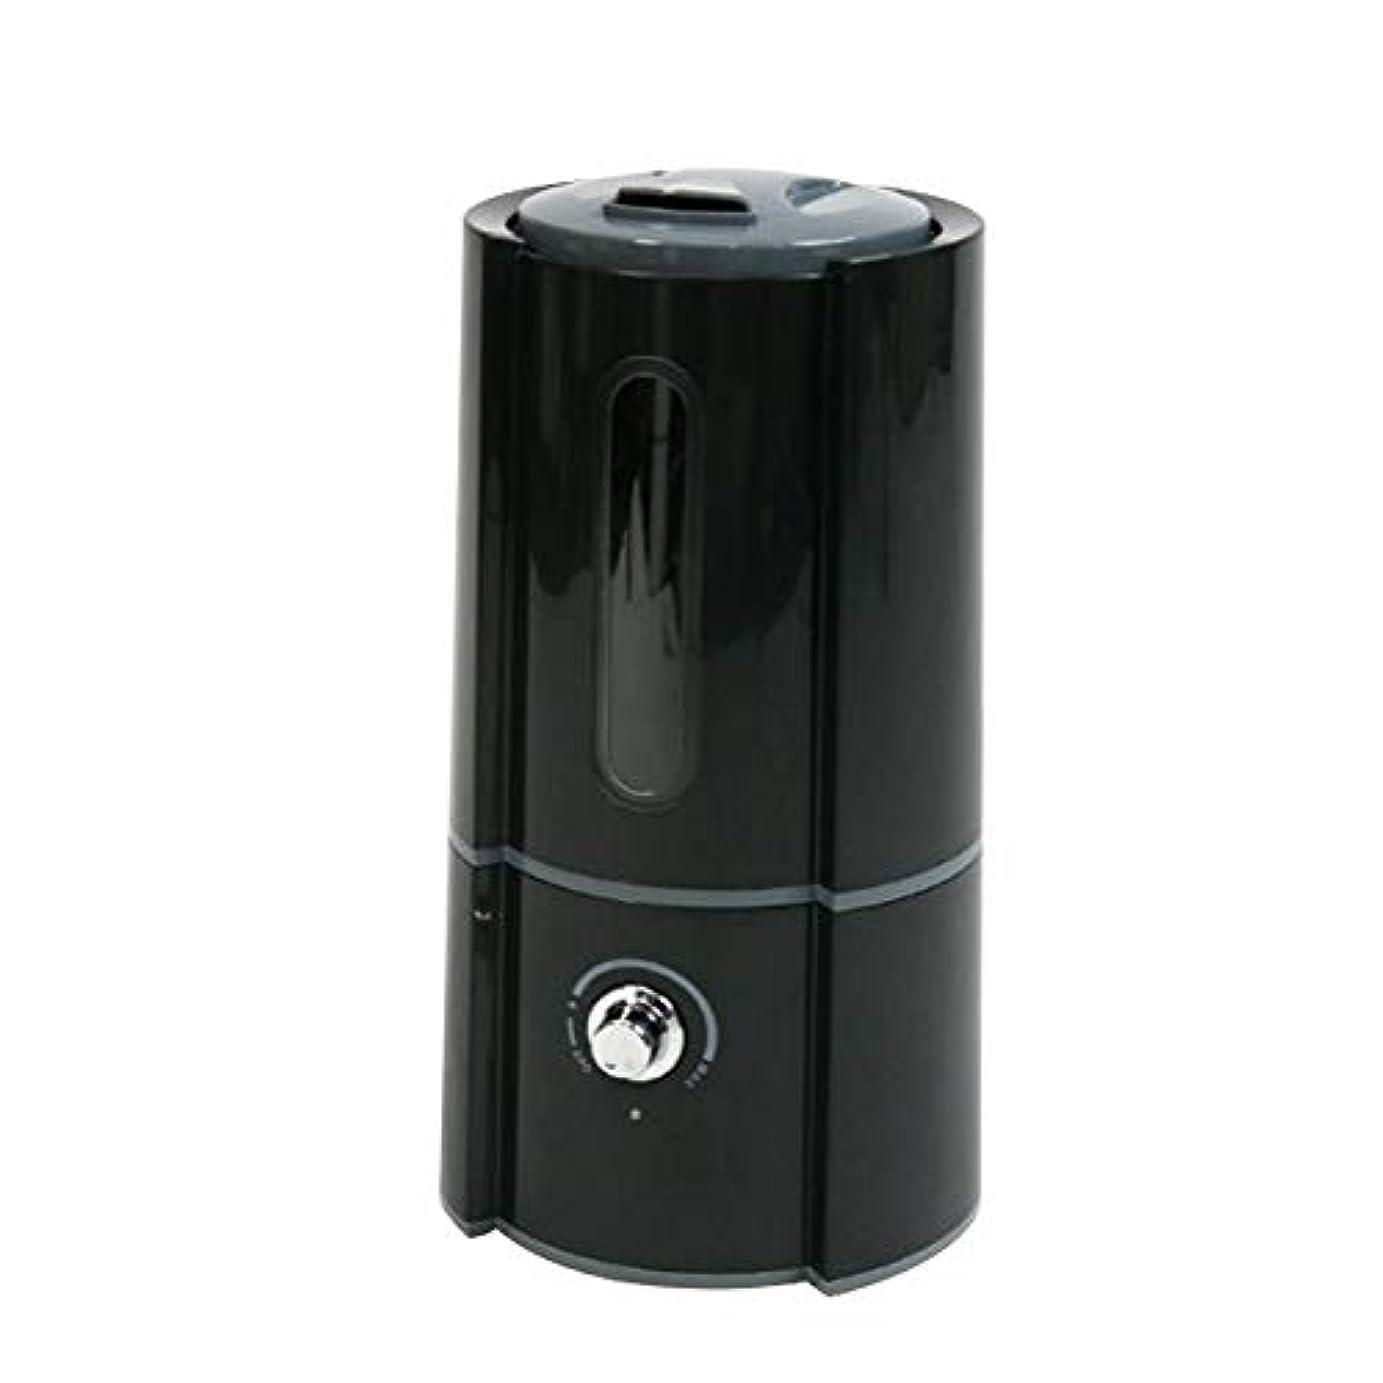 モートマネージャー六加湿器 超音波式 大容量 DOLCE 卓上 オフィス ディフューザー 2.5L 400ml/h 加湿量調節 ブラック